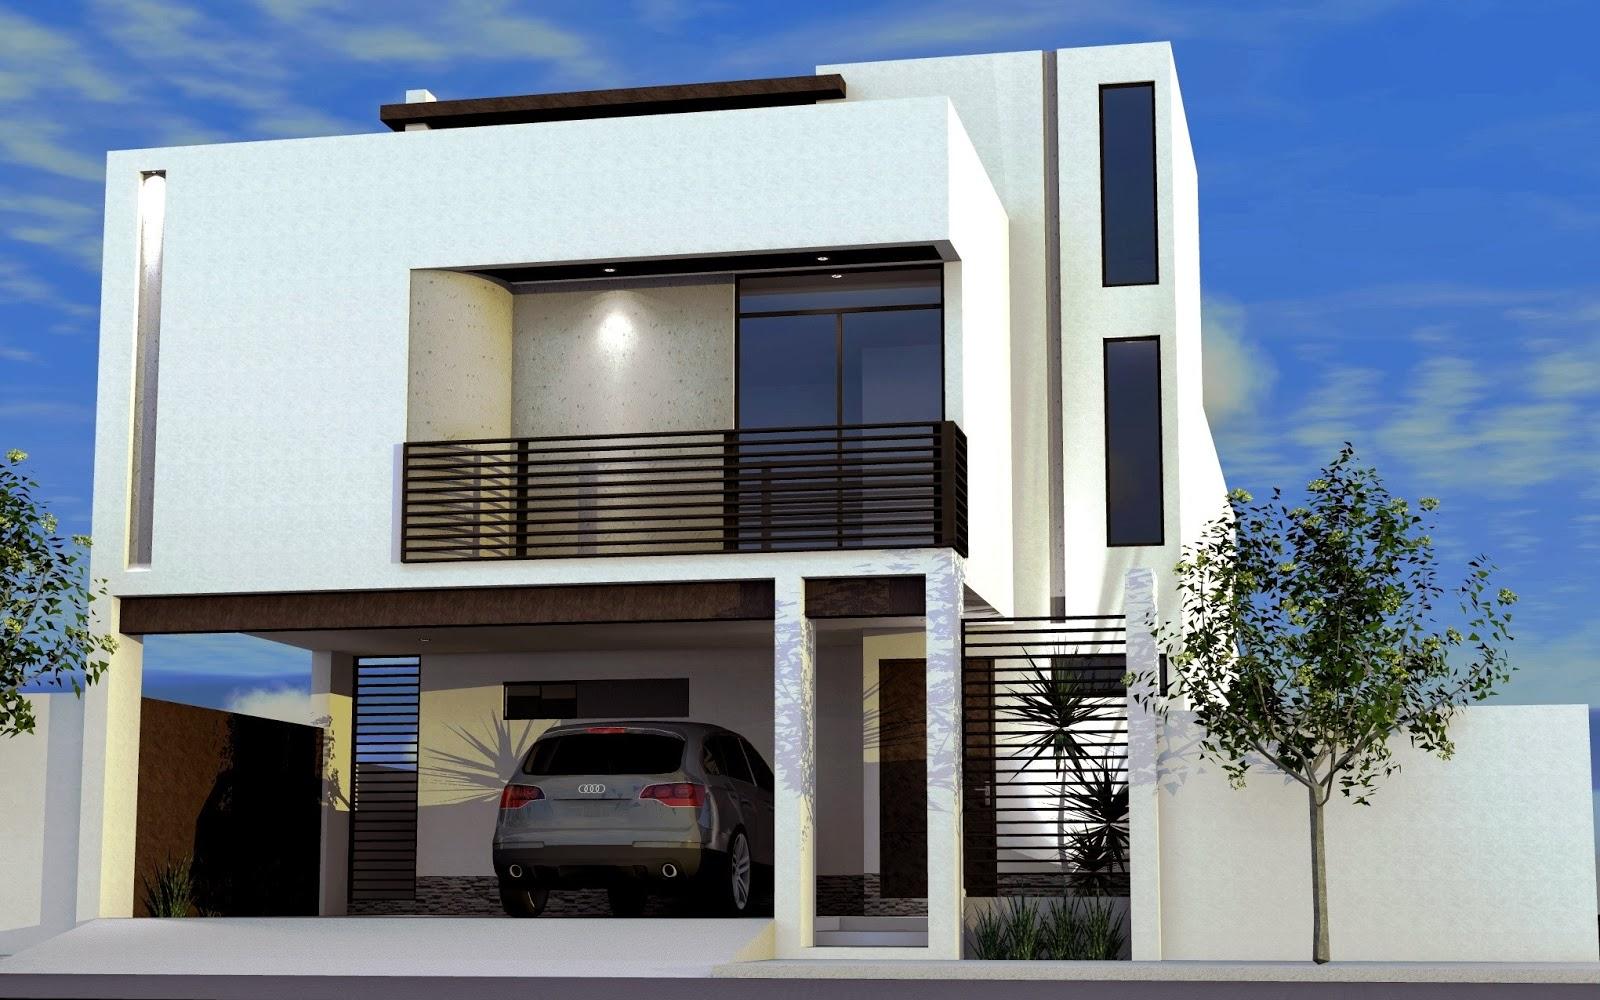 Fachadas de casas modernas fachada de casa moderna con for Fachadas de casas modernas